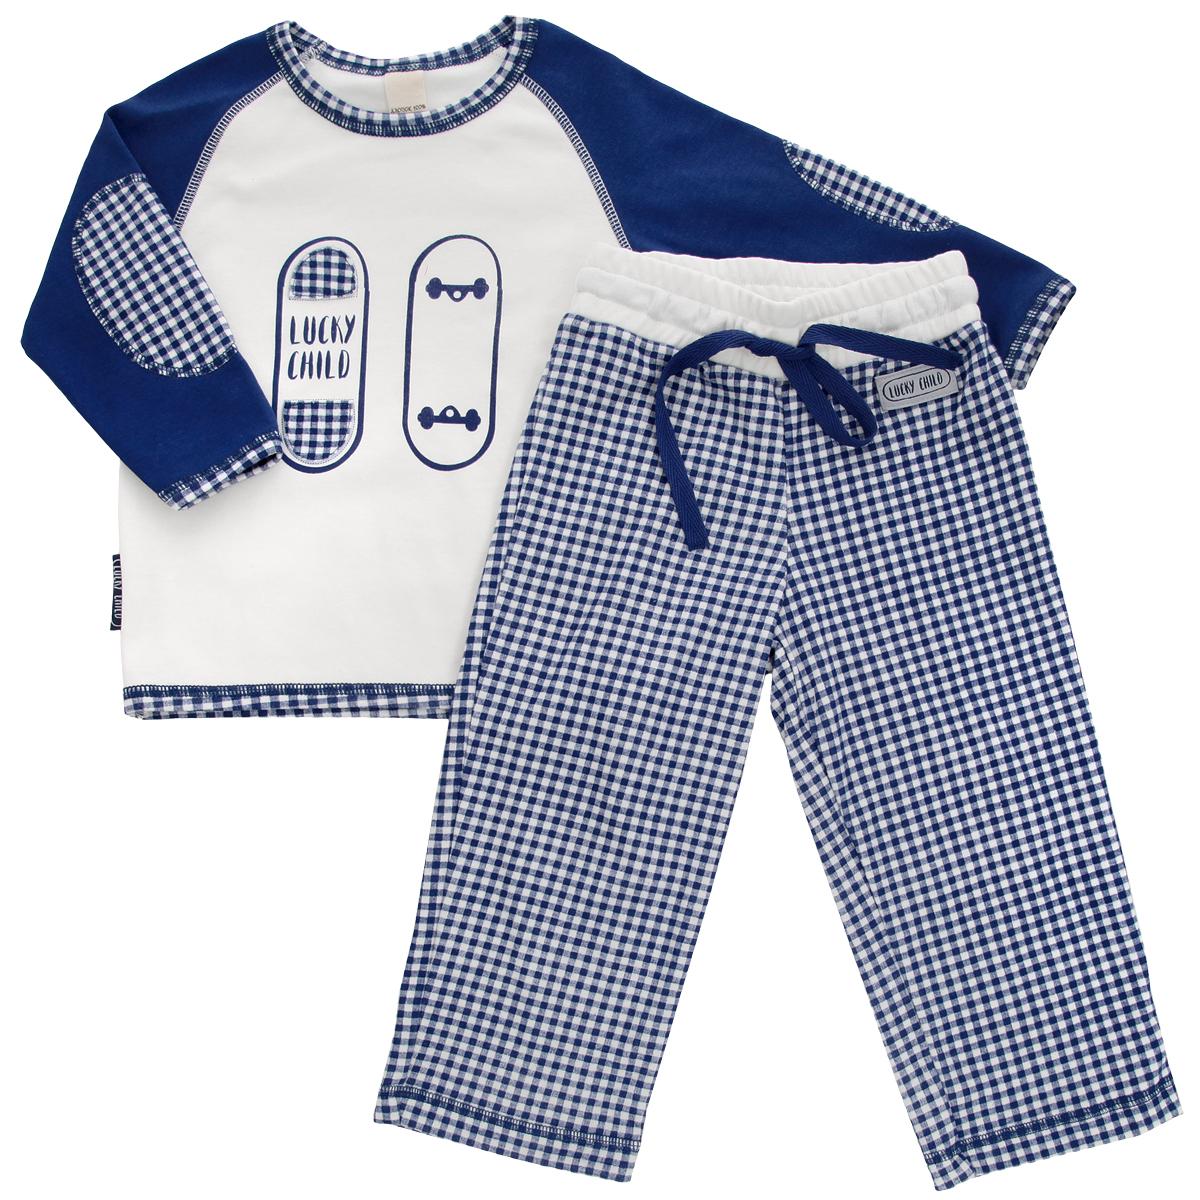 Пижама13-401Очаровательная пижама для мальчика Lucky Child, состоящая из футболки с длинным рукавом и брюк, идеально подойдет вашему маленькому мужчине и станет отличным дополнением к детскому гардеробу. Изготовленная из натурального хлопка - интерлока, она необычайно мягкая и приятная на ощупь, не раздражает нежную кожу ребенка и хорошо вентилируется, а эластичные швы приятны телу и не препятствуют его движениям. Футболка с длинными рукавами-реглан и круглым вырезом горловины оформлена спереди оригинальной аппликацией и принтом с изображением скейтборда. Горловина, рукава и низ изделия оформлены принтом в клетку. Рукава украшены декоративными заплатами. Брюки на талии имеют широкий эластичный пояс со шнурком, благодаря чему они не сдавливают животик ребенка и не сползают. Оформлены брюки принтом в клетку и небольшой нашивкой с названием бренда. Такая пижама идеально подойдет вашему ребенку, а мягкие полотна позволят ему комфортно чувствовать себя во время сна!